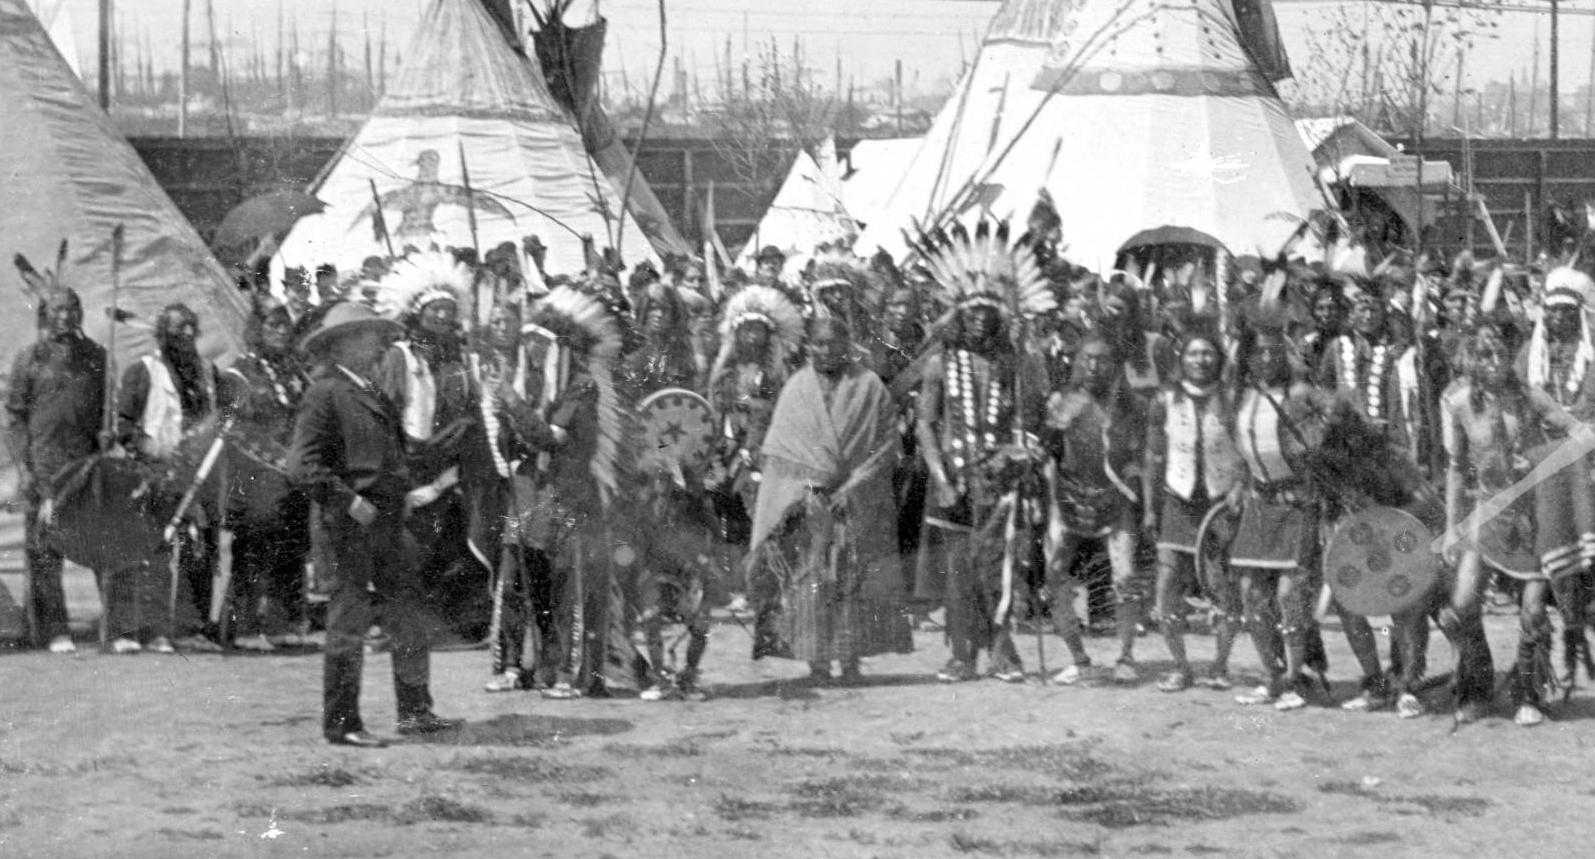 http://www.american-tribes.com/messageboards/dietmar/weddingHighBear2.jpg